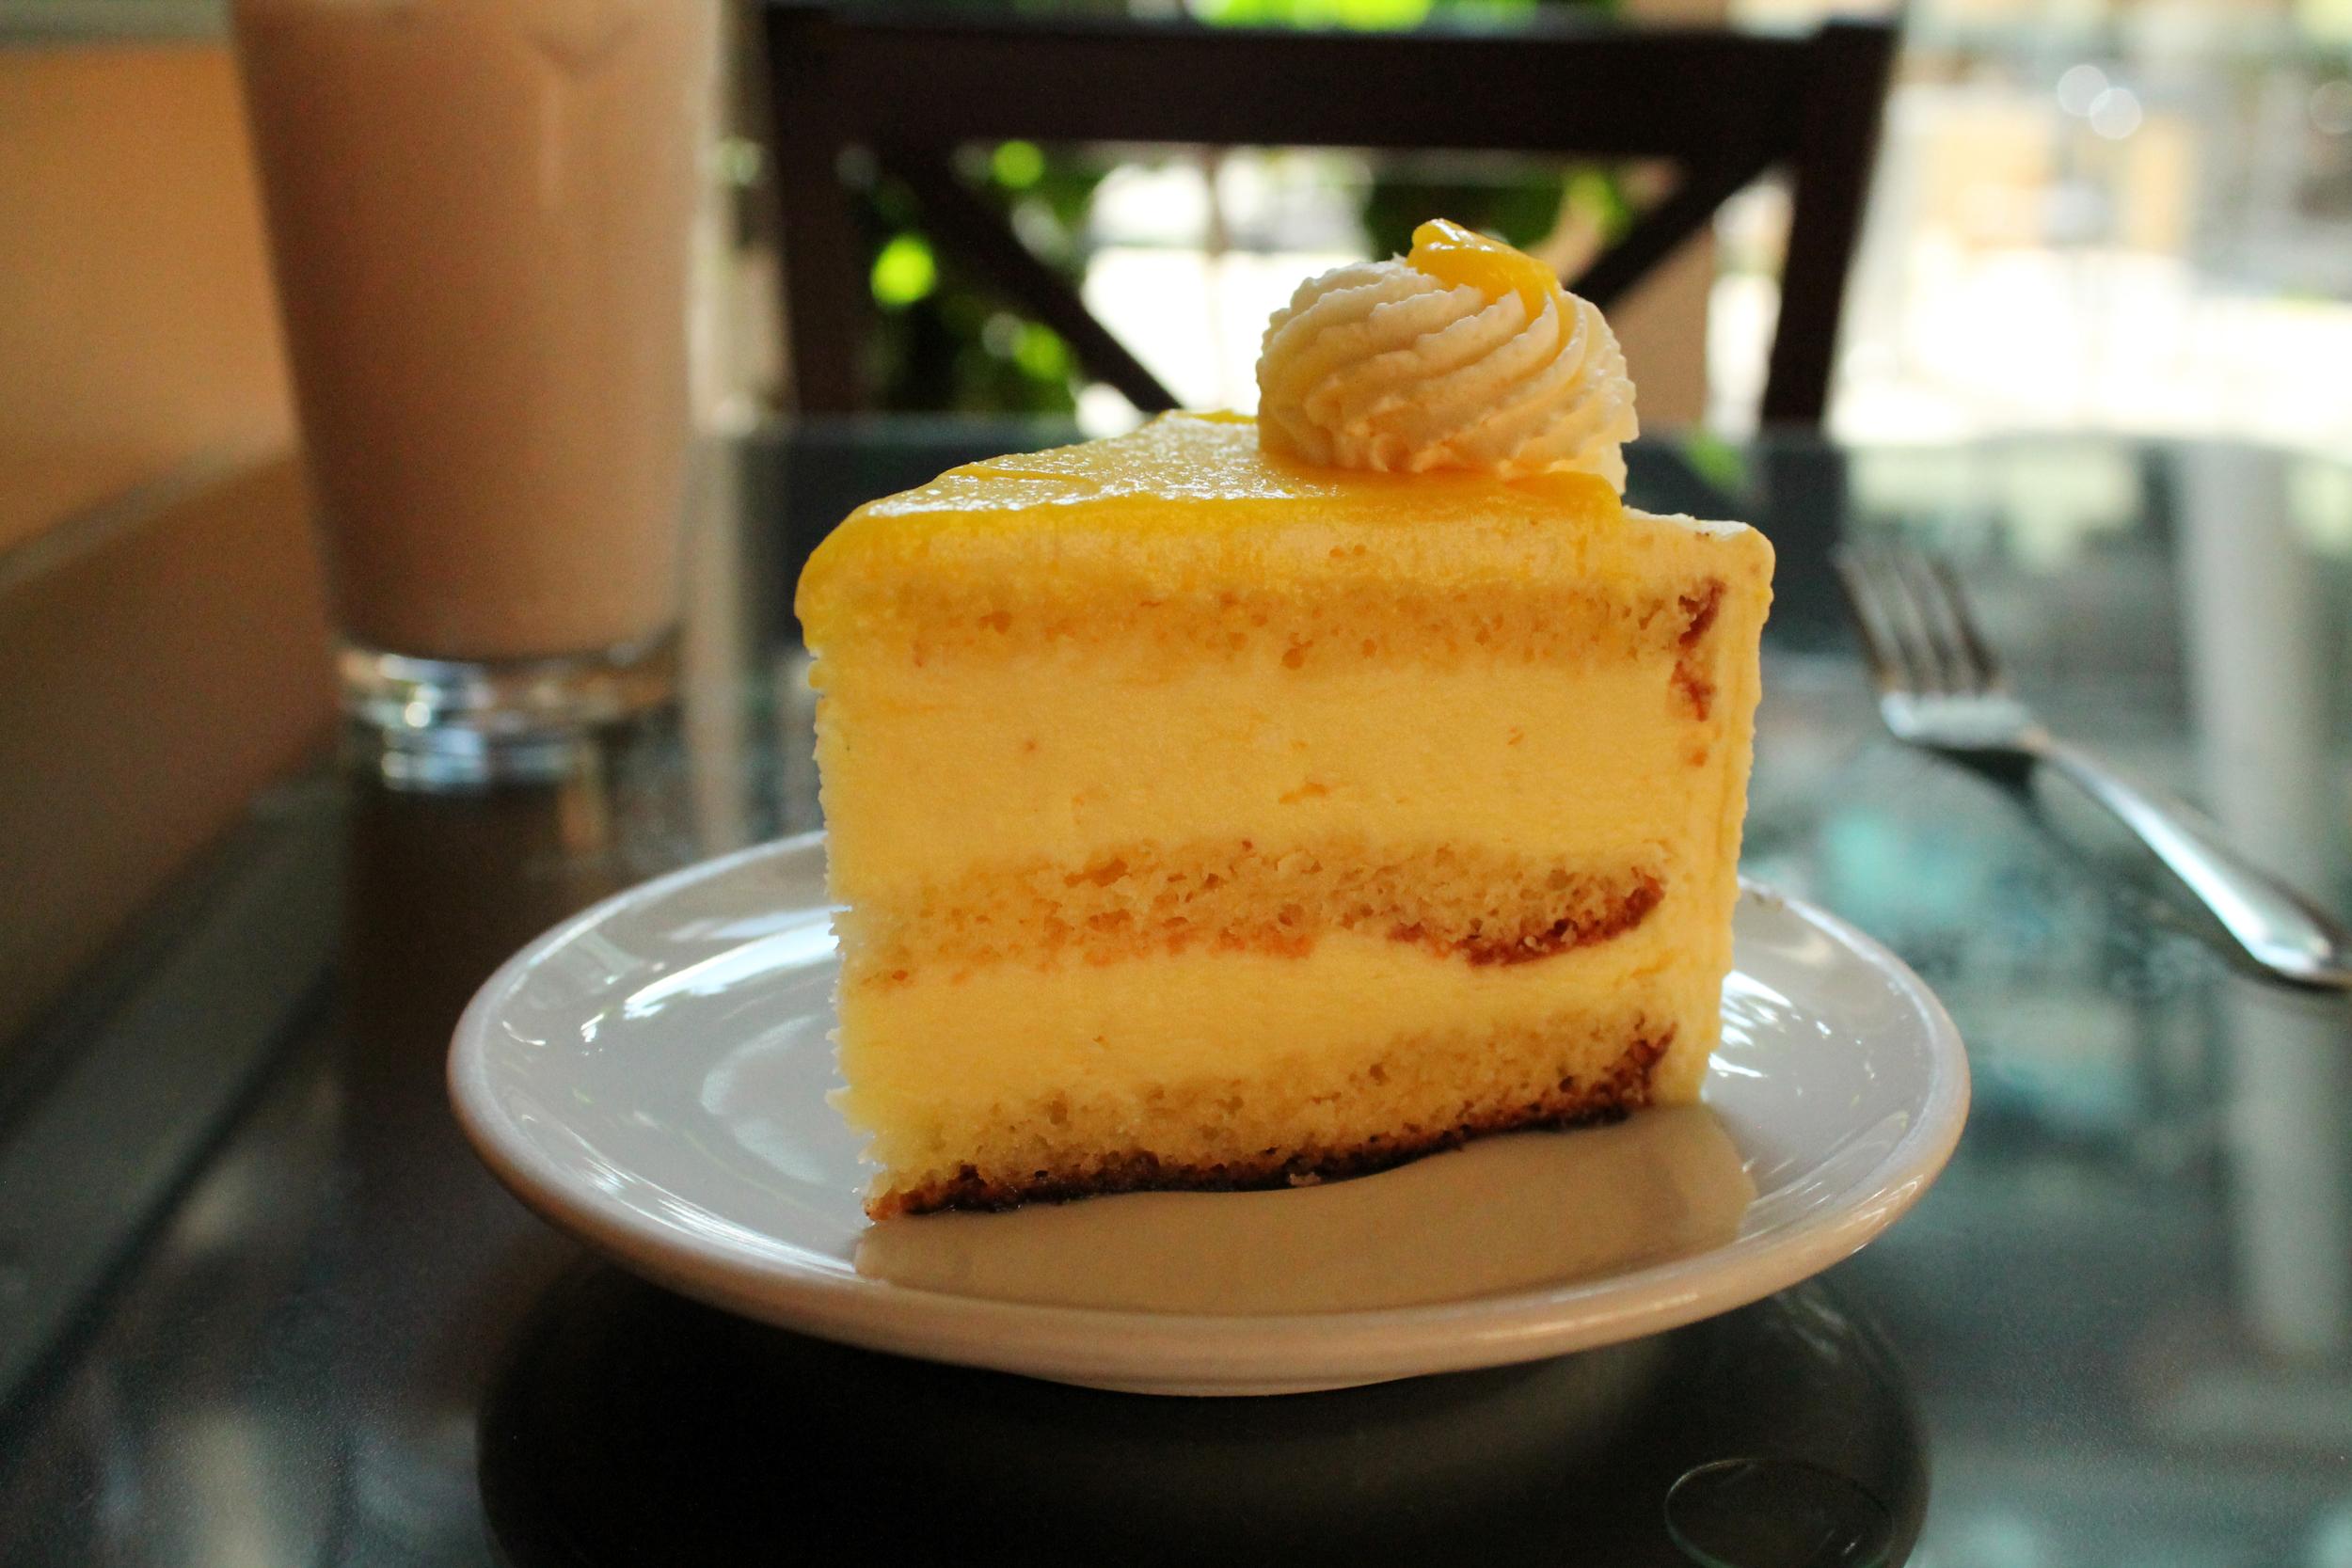 Lemon+Mousse+Slice+2.jpg